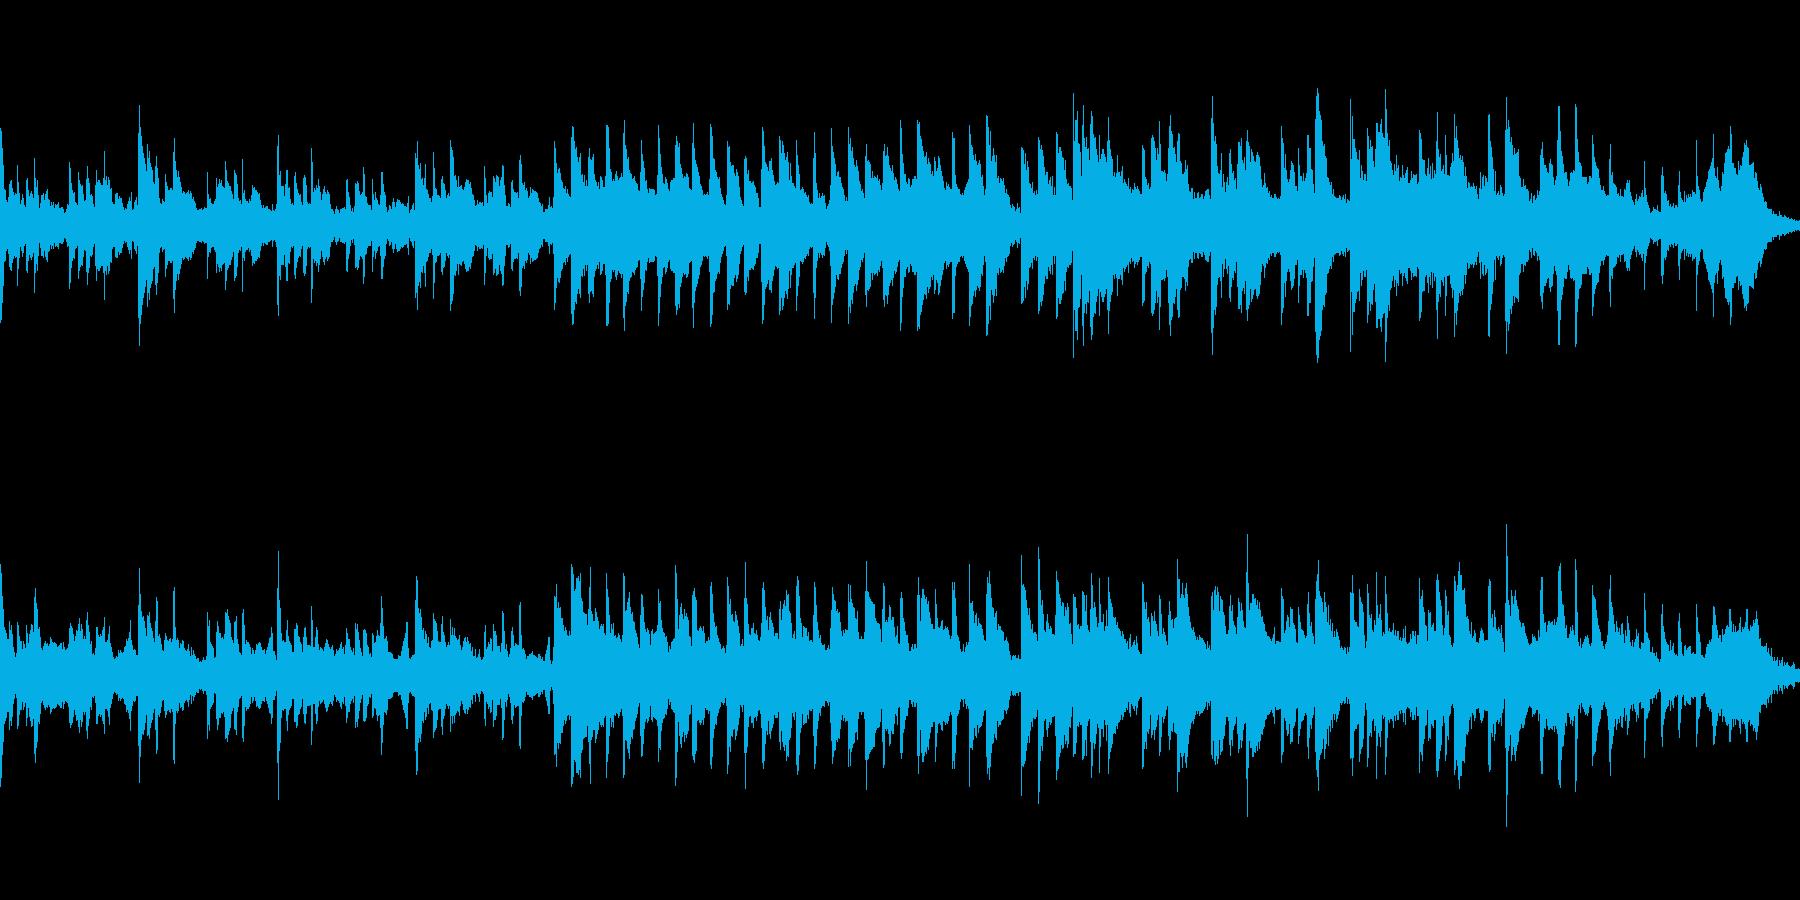 不気味で静か、怖い雰囲気のピアノの曲の再生済みの波形